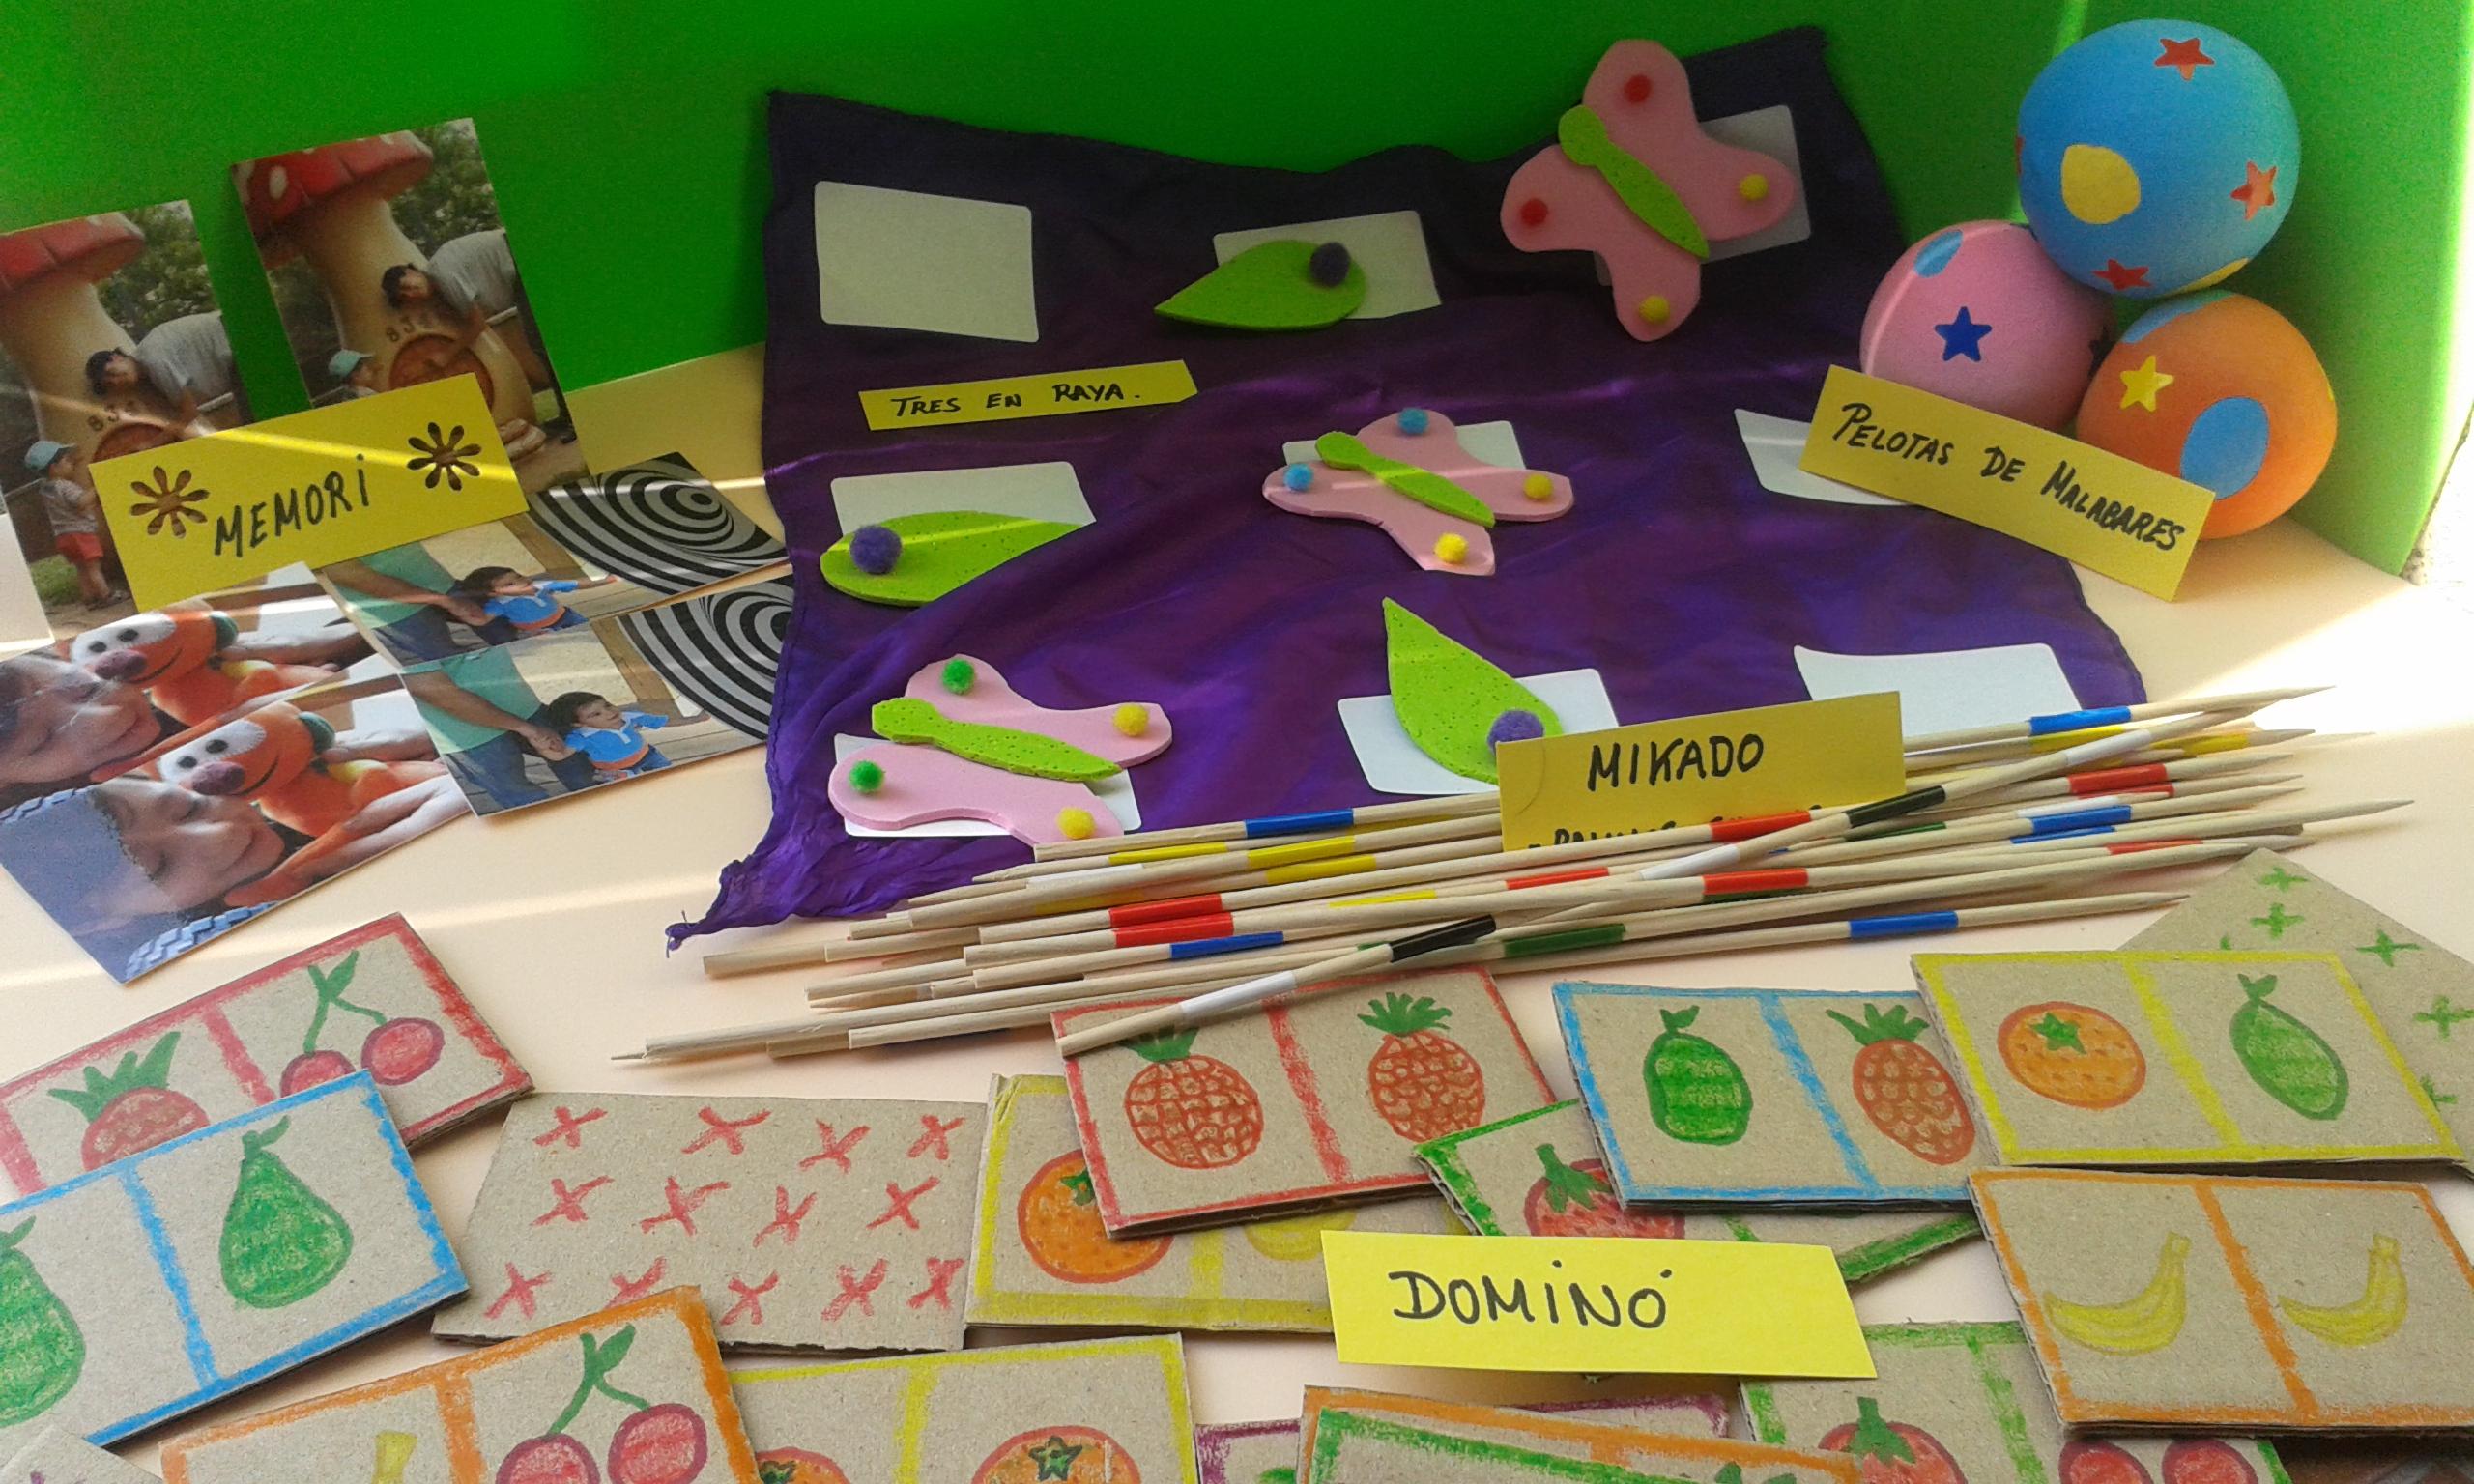 5 Juegos Infantiles Personalizados Y Faciles De Hacer Rusketa Com